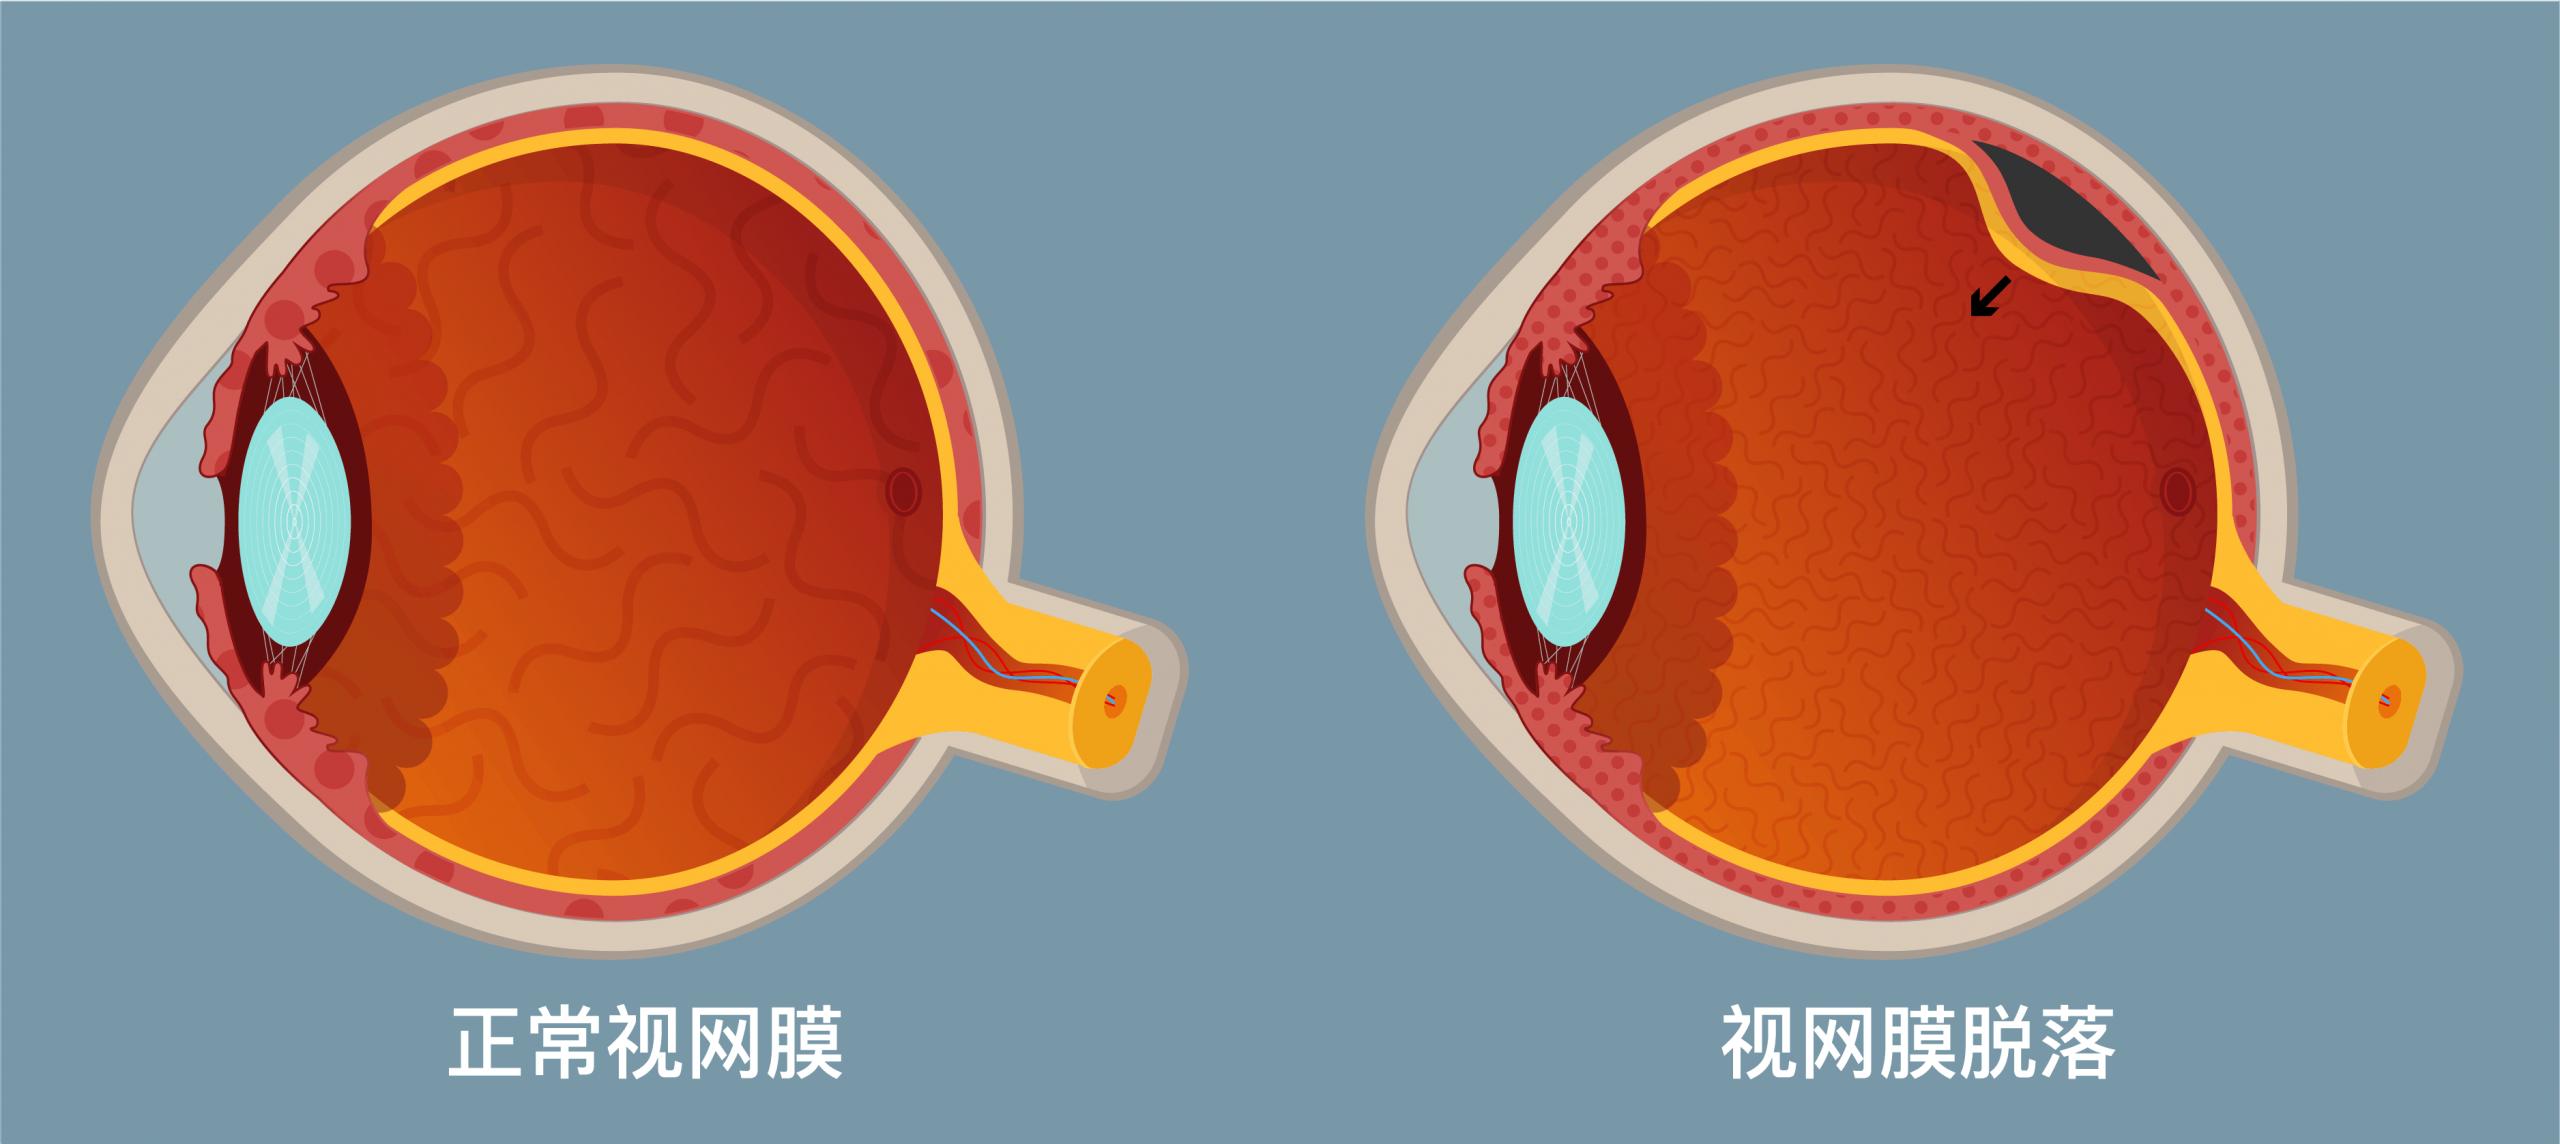 Surgery_Web_SC_Retinal detachment